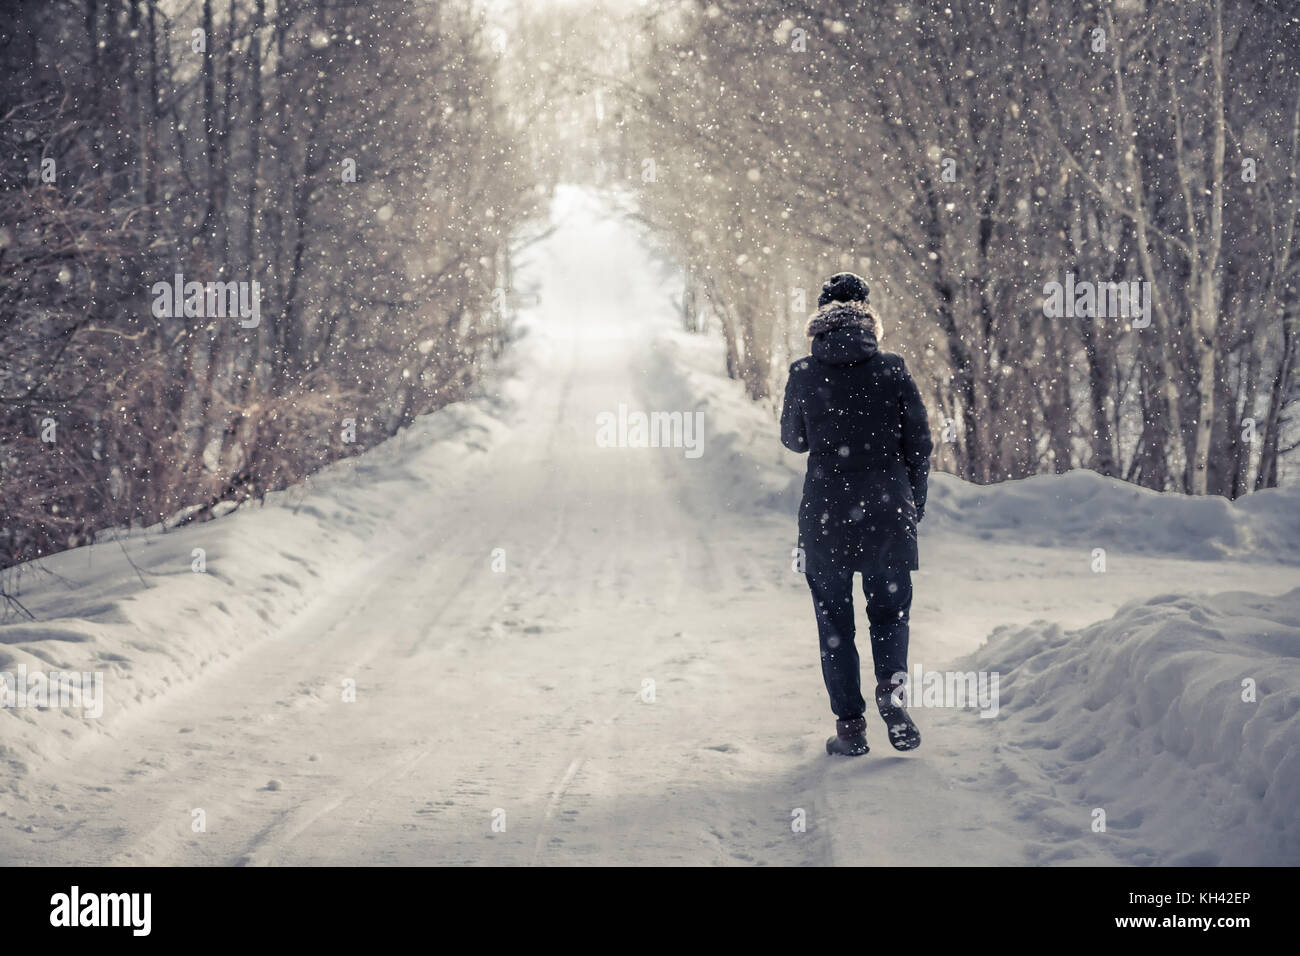 Einsame Frau zu Fuß auf verschneite Straße zwischen Bäumen Gasse mit Licht am Ende des Weges in kalten Stockbild